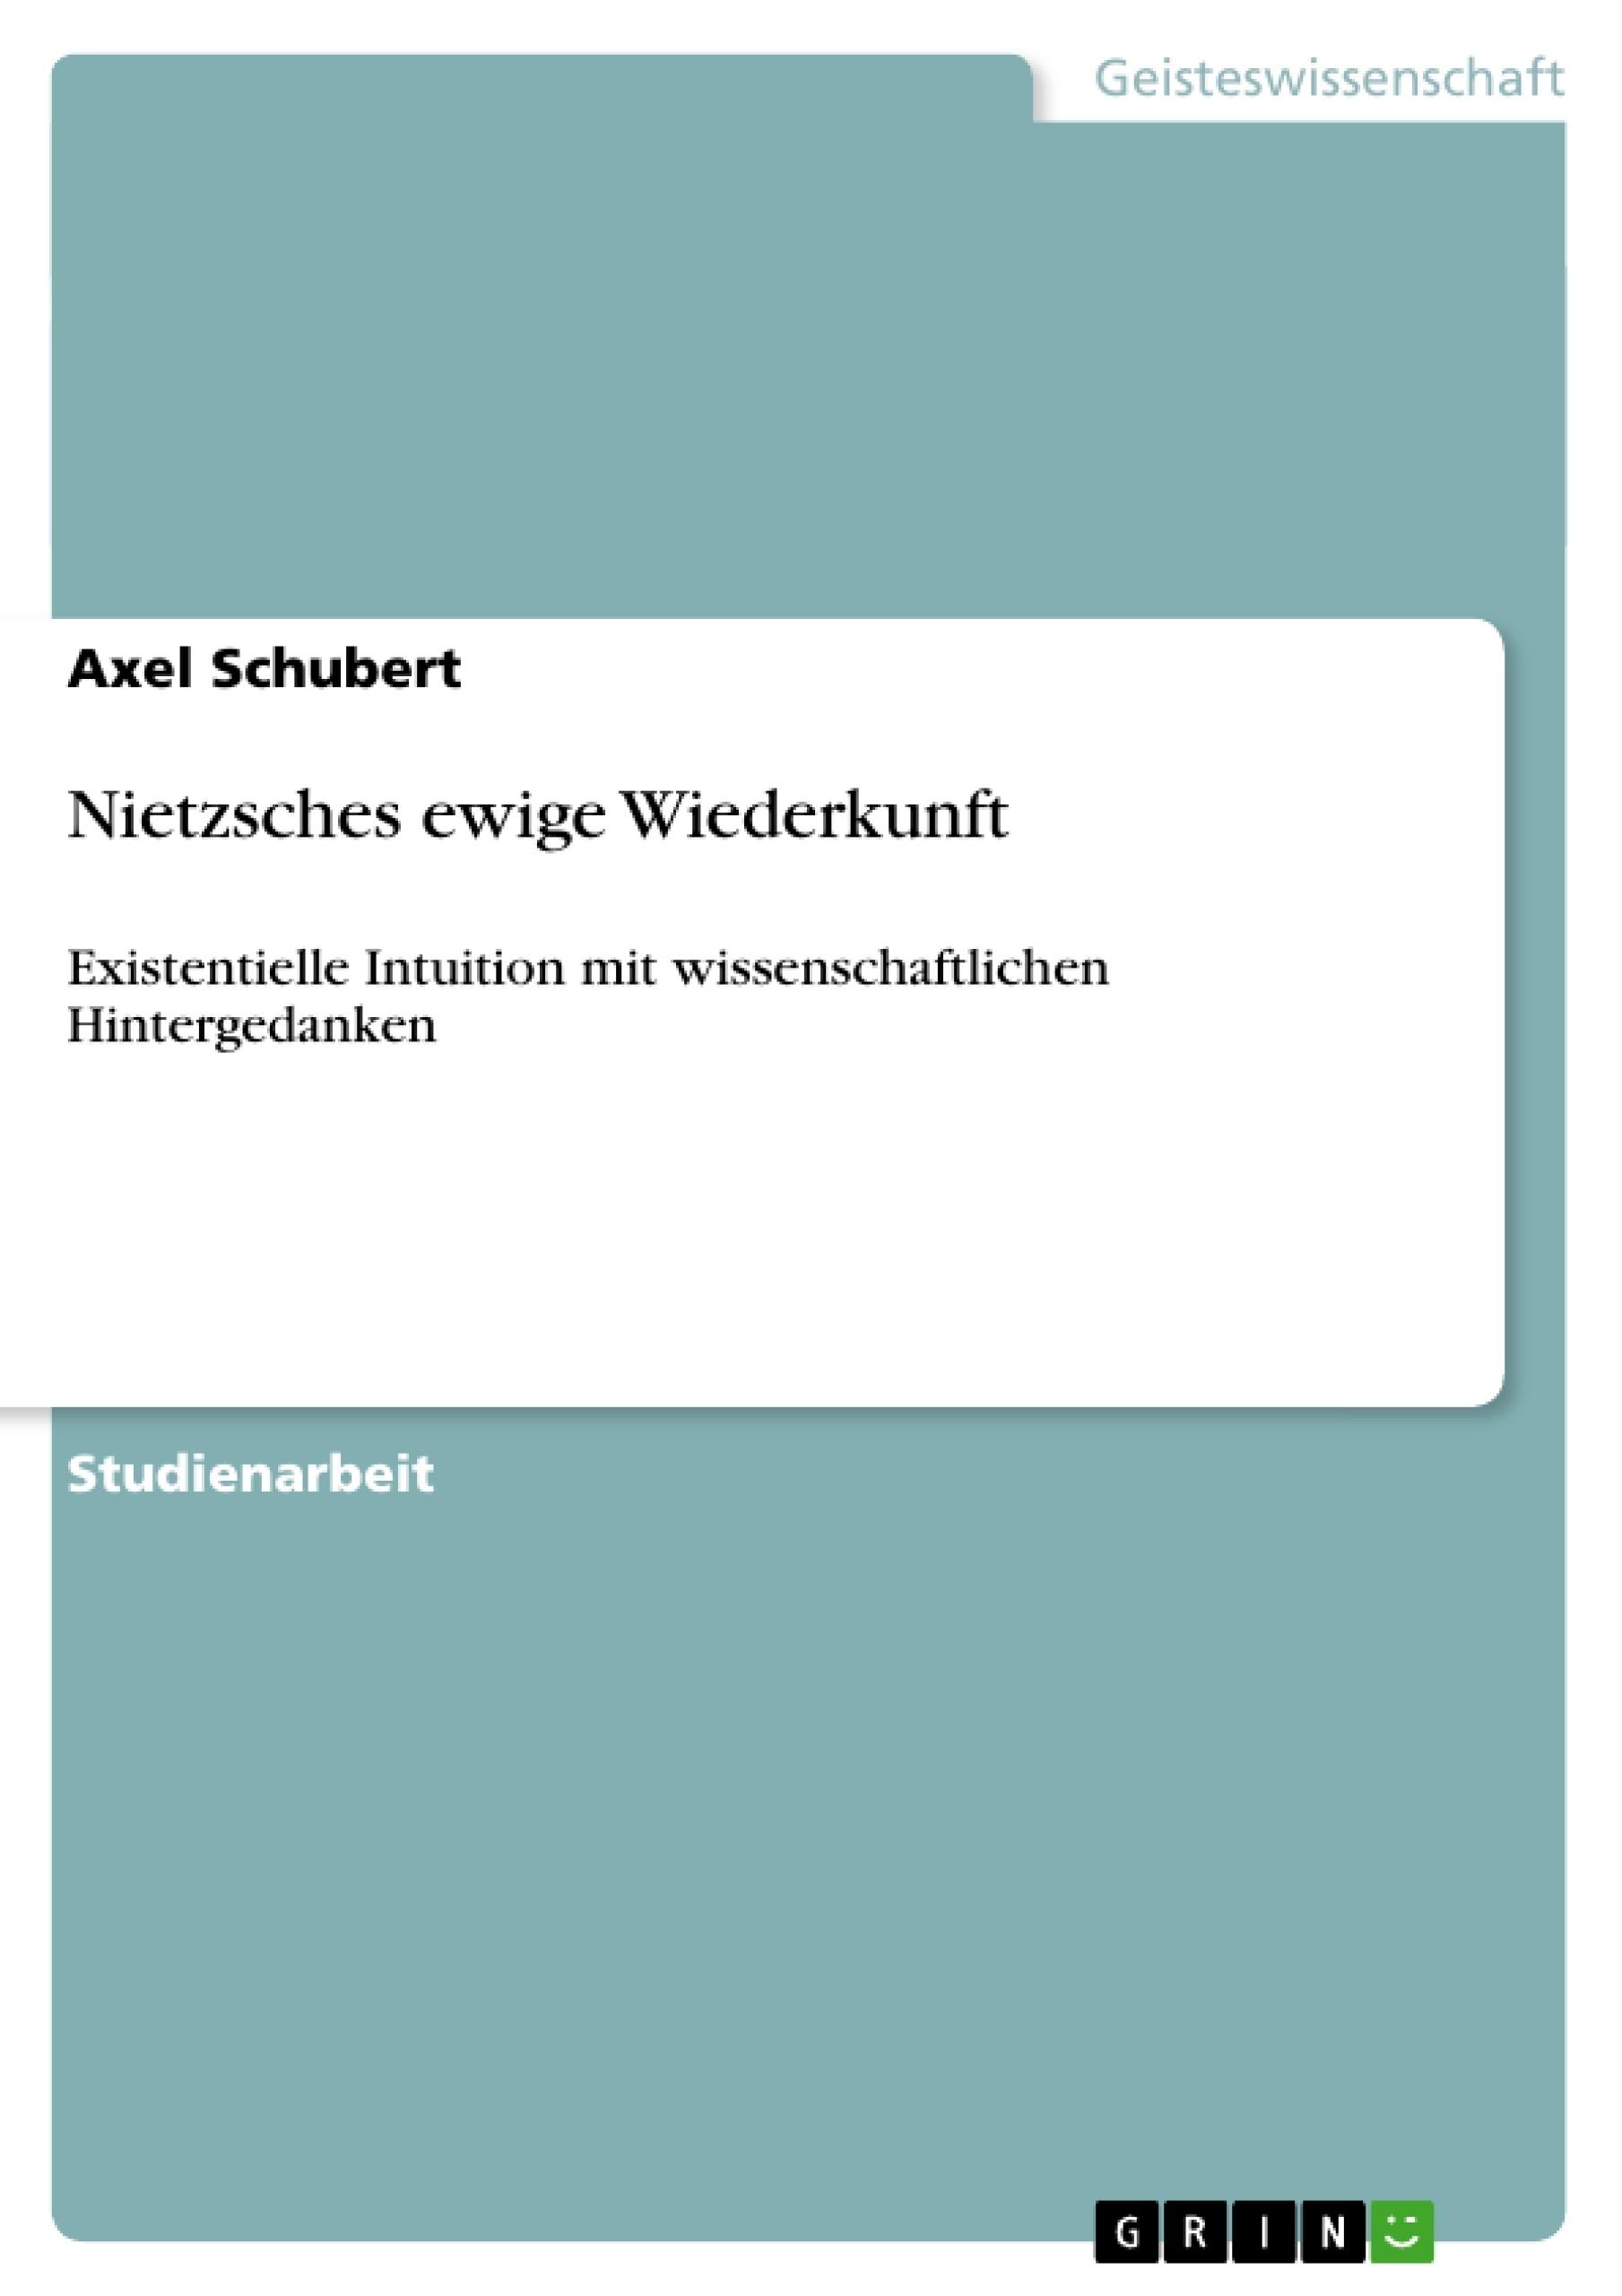 Titel: Nietzsches ewige Wiederkunft